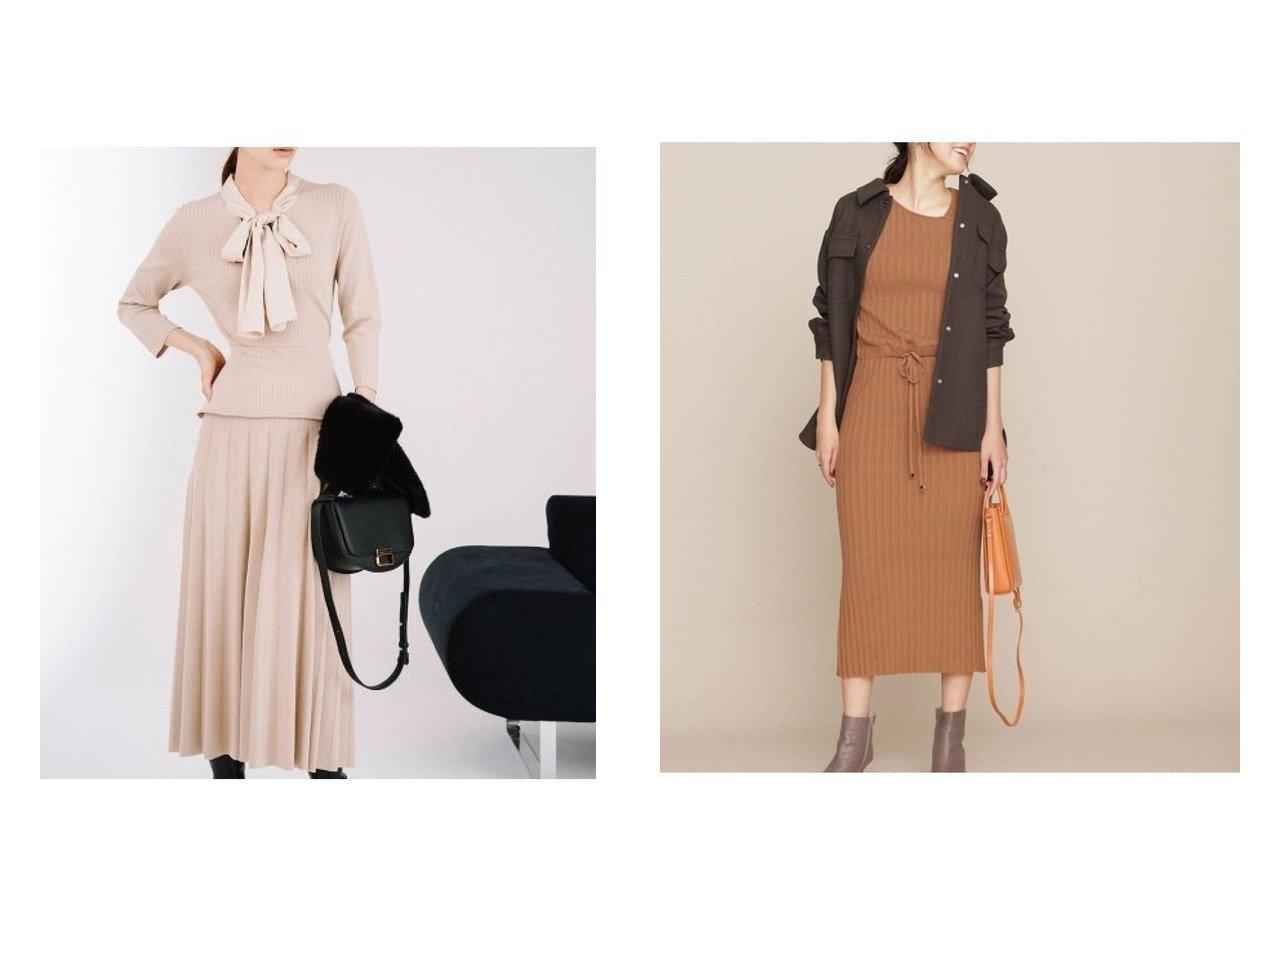 【nano universe/ナノ ユニバース】のエラスティックニットリブワンピース&【CELFORD/セルフォード】のボウタイシフォンニットワンピース ワンピース・ドレスのおすすめ!人気、トレンド・レディースファッションの通販  おすすめで人気の流行・トレンド、ファッションの通販商品 メンズファッション・キッズファッション・インテリア・家具・レディースファッション・服の通販 founy(ファニー) https://founy.com/ ファッション Fashion レディースファッション WOMEN ワンピース Dress ニットワンピース Knit Dresses エレガント シフォン ドット ウォッシャブル ストレッチ 人気 定番 |ID:crp329100000010207